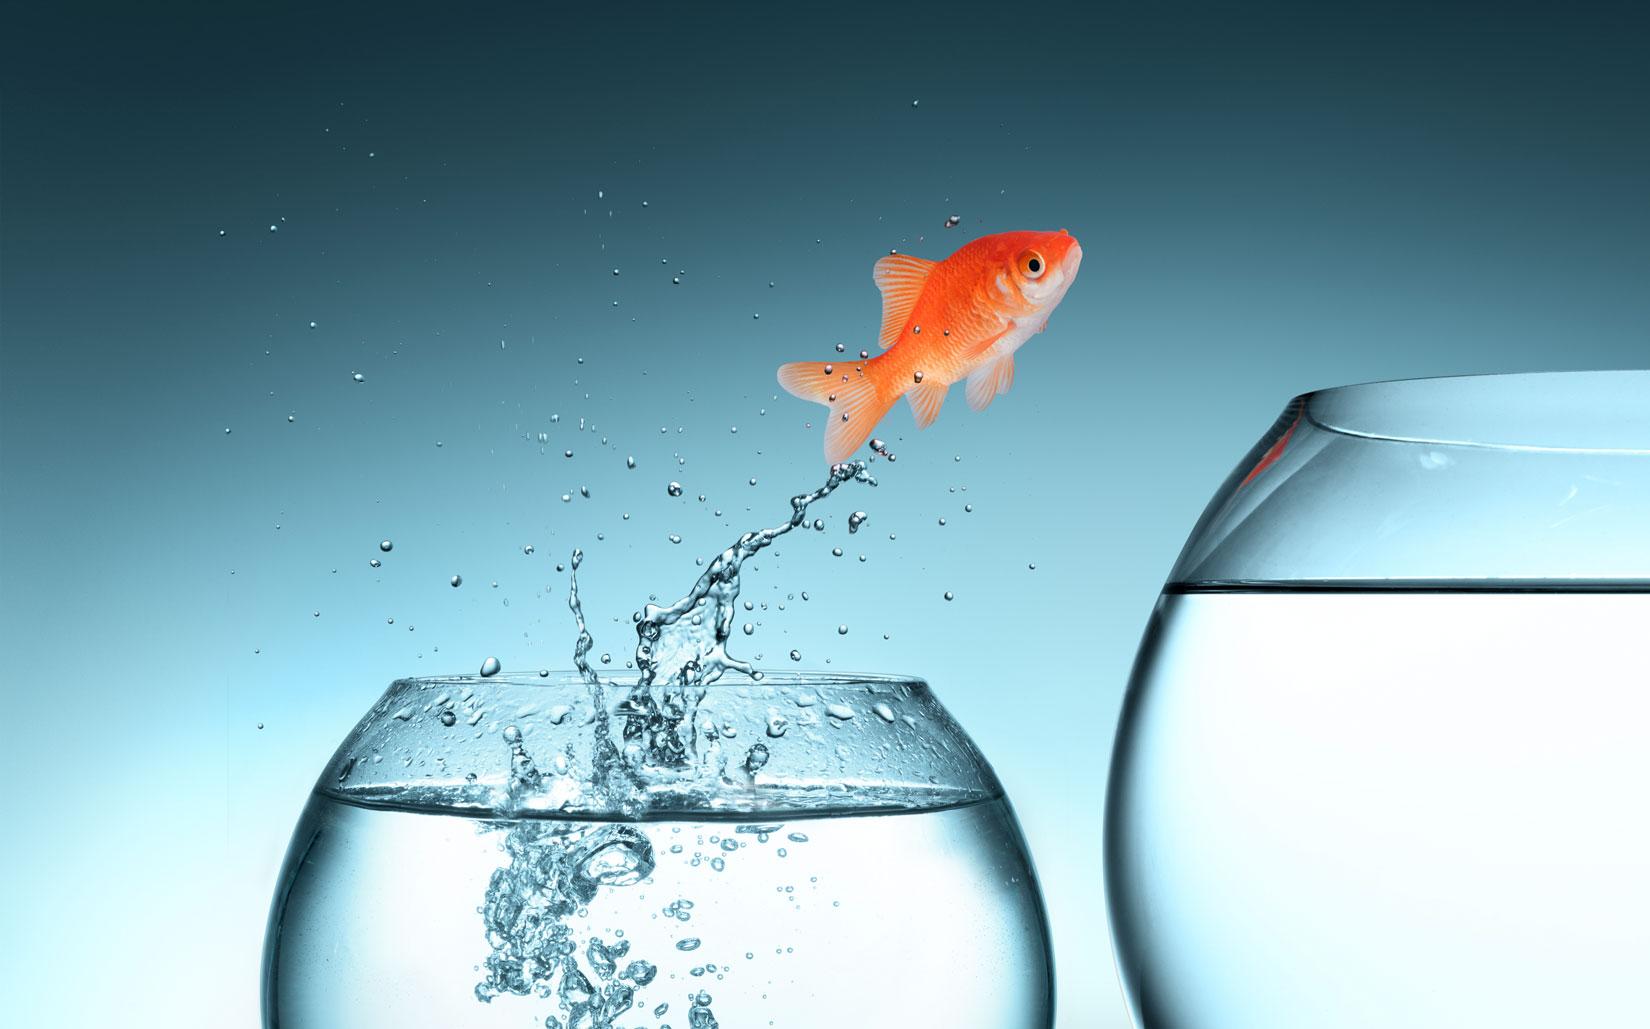 Illustrasjon av fisk som gjør et hopp